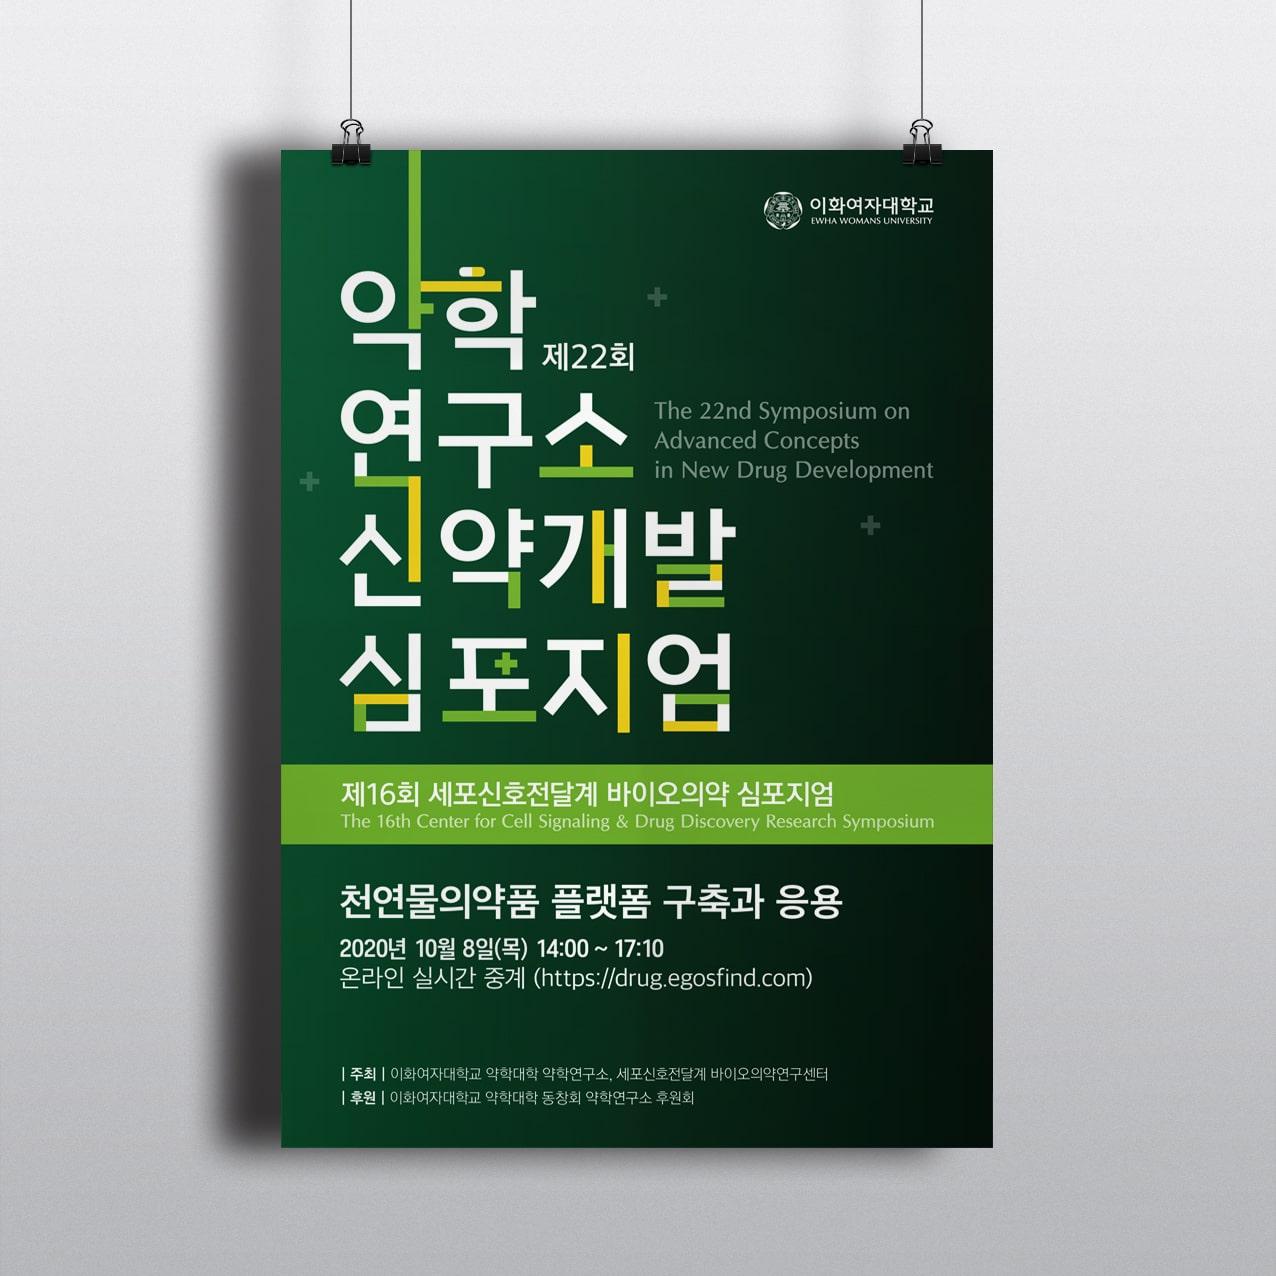 2020 약학연구소 신약개발 심포지엄 - 이화여자대학교 약학대학